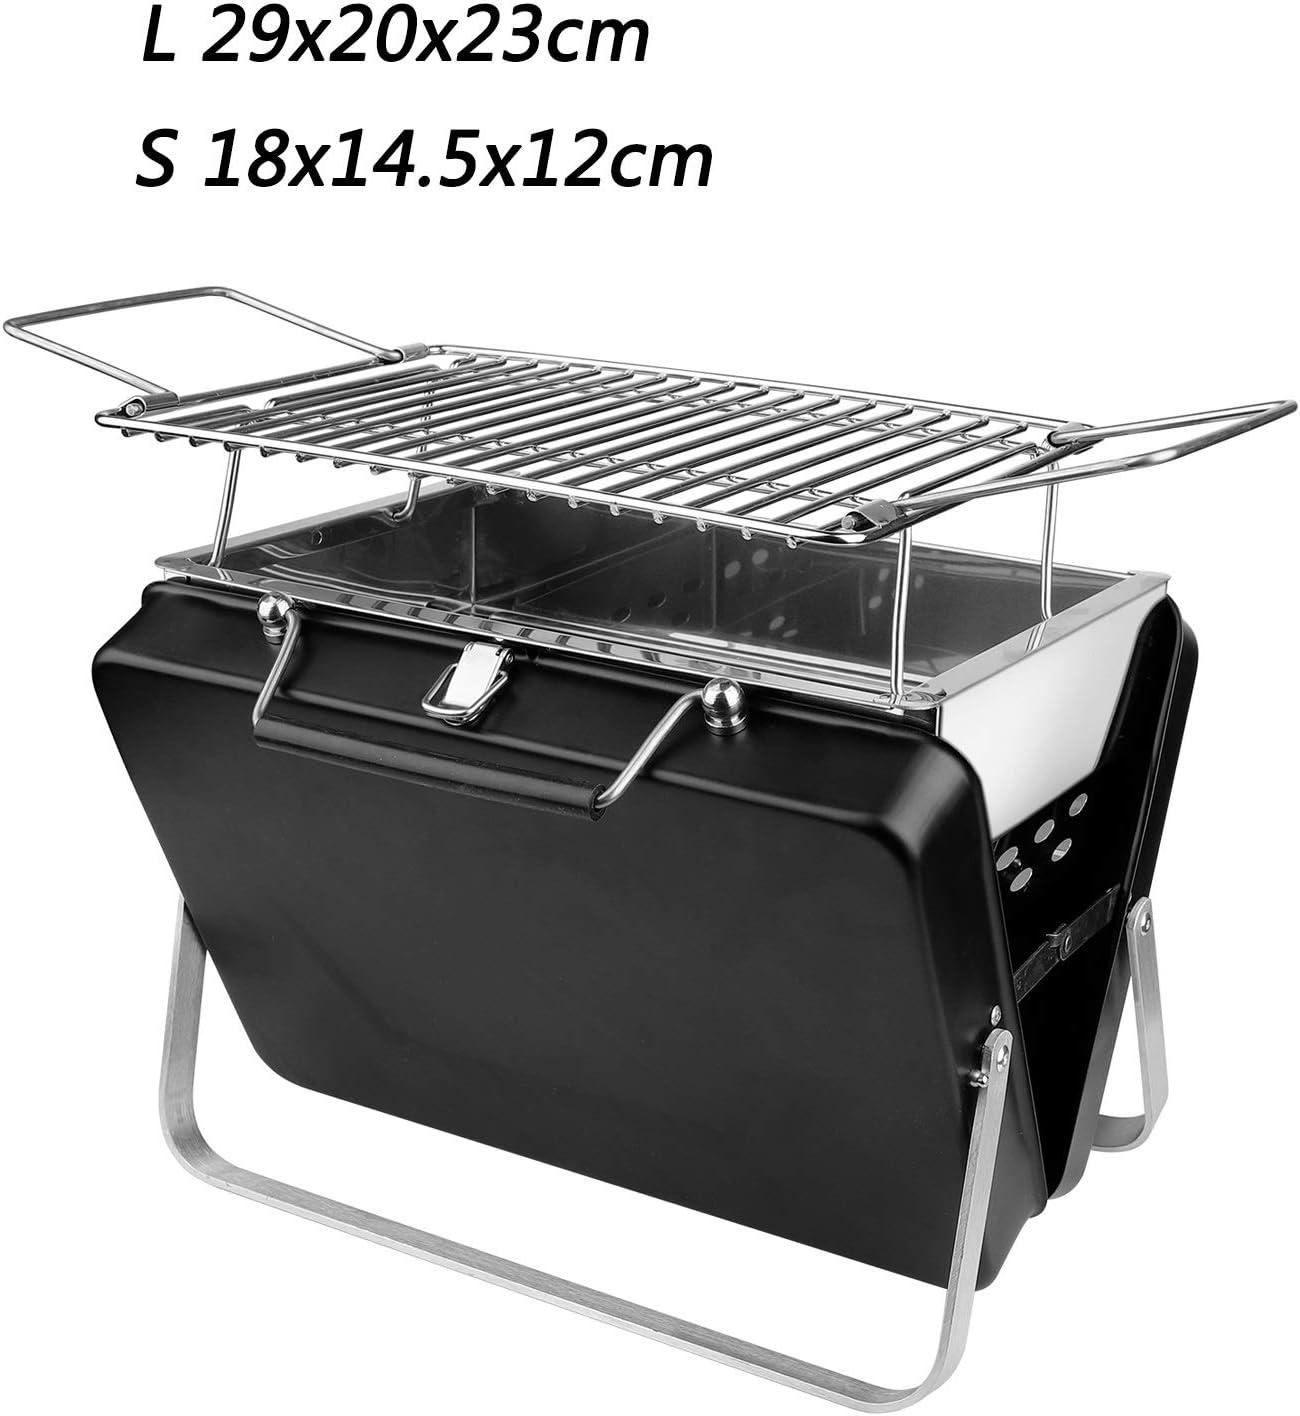 Barbecue portable pliable en acier inoxydable Noir Multicolore